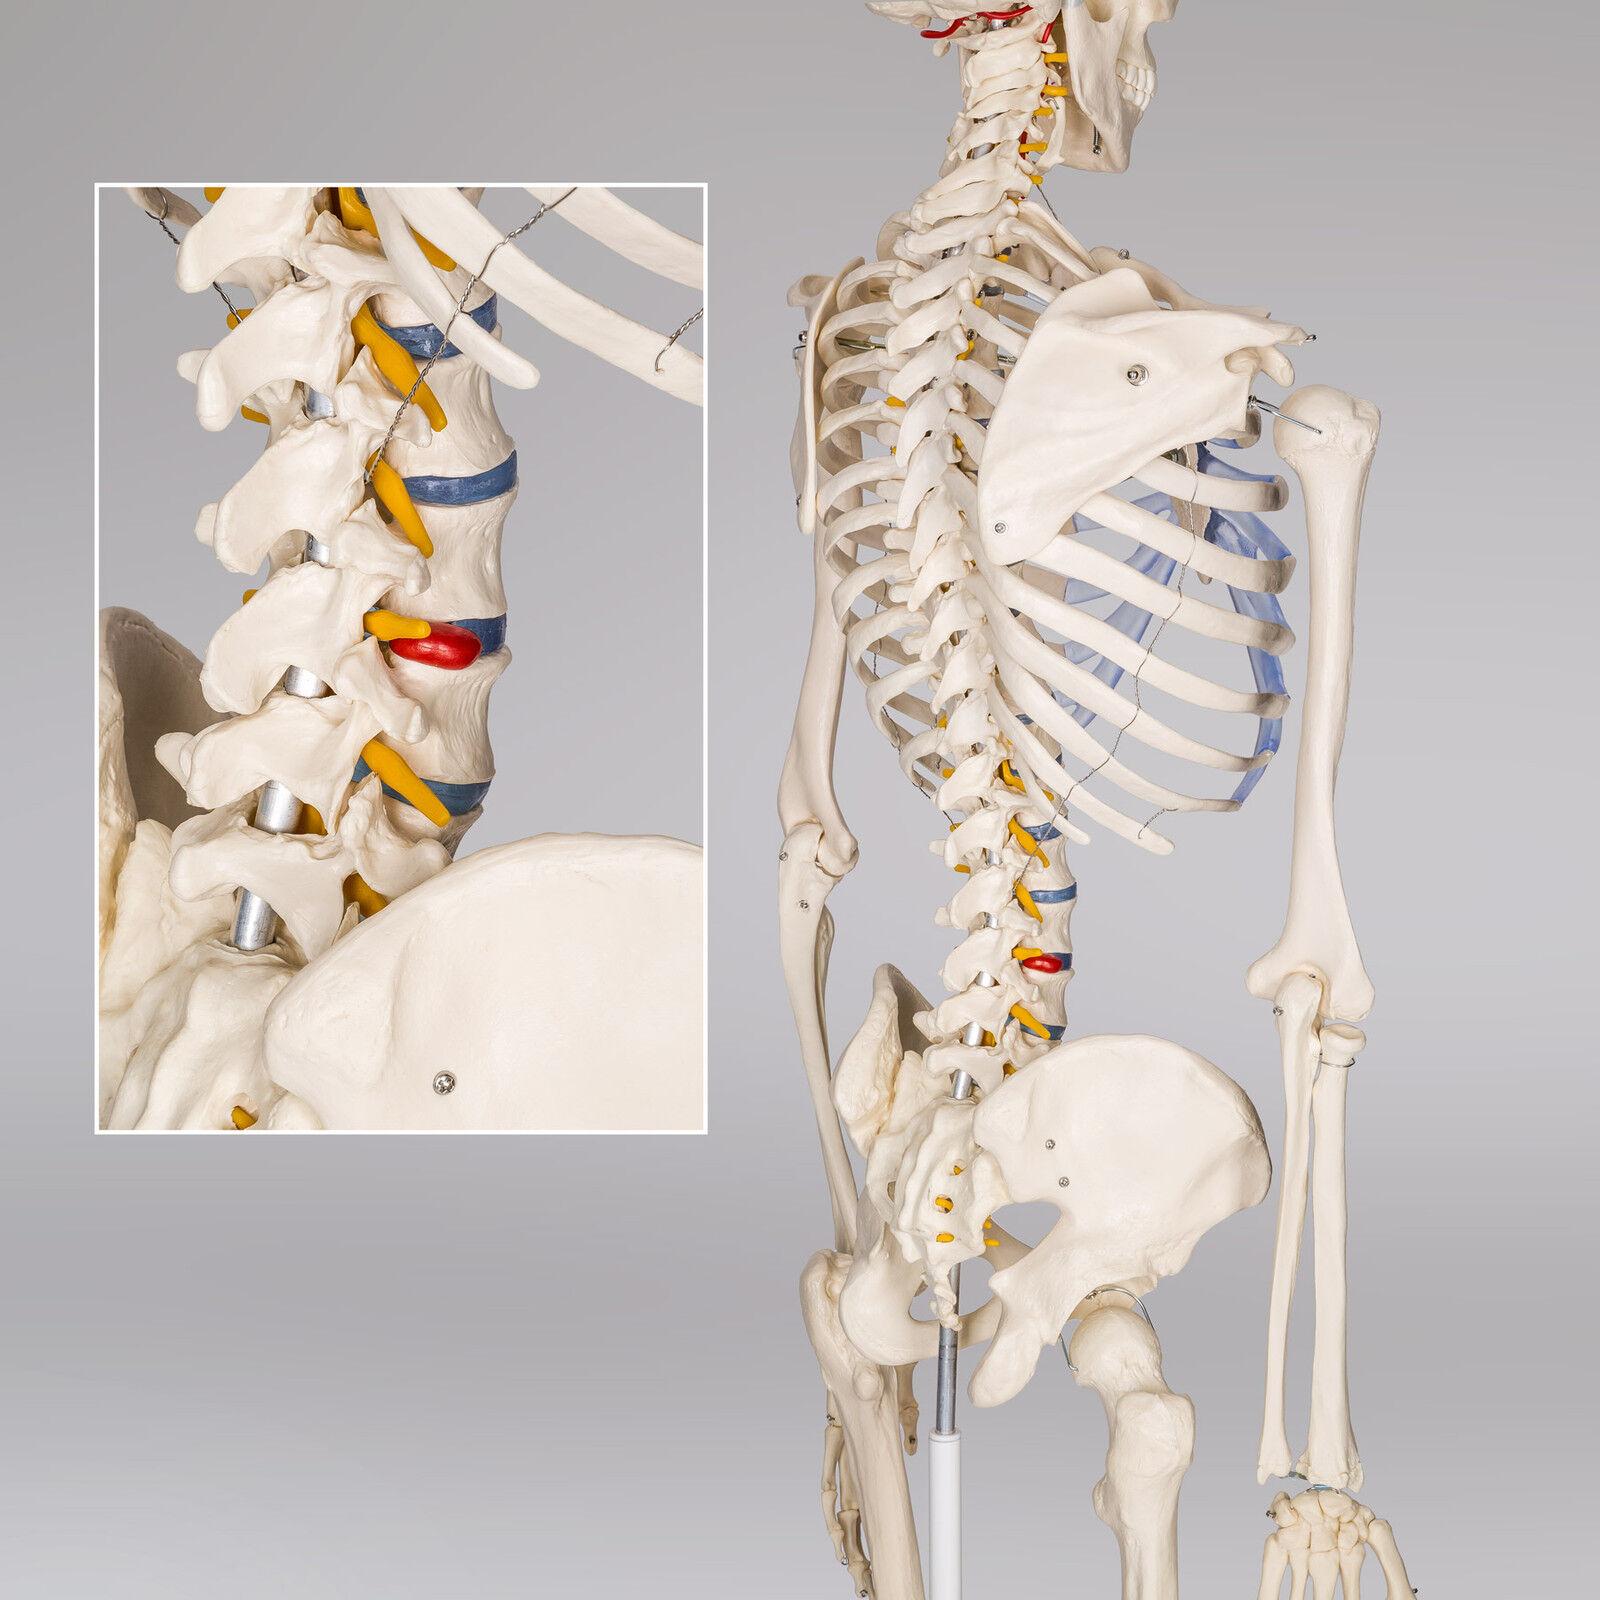 Berühmt Leben Größe Anatomie Poster Fotos - Menschliche Anatomie ...